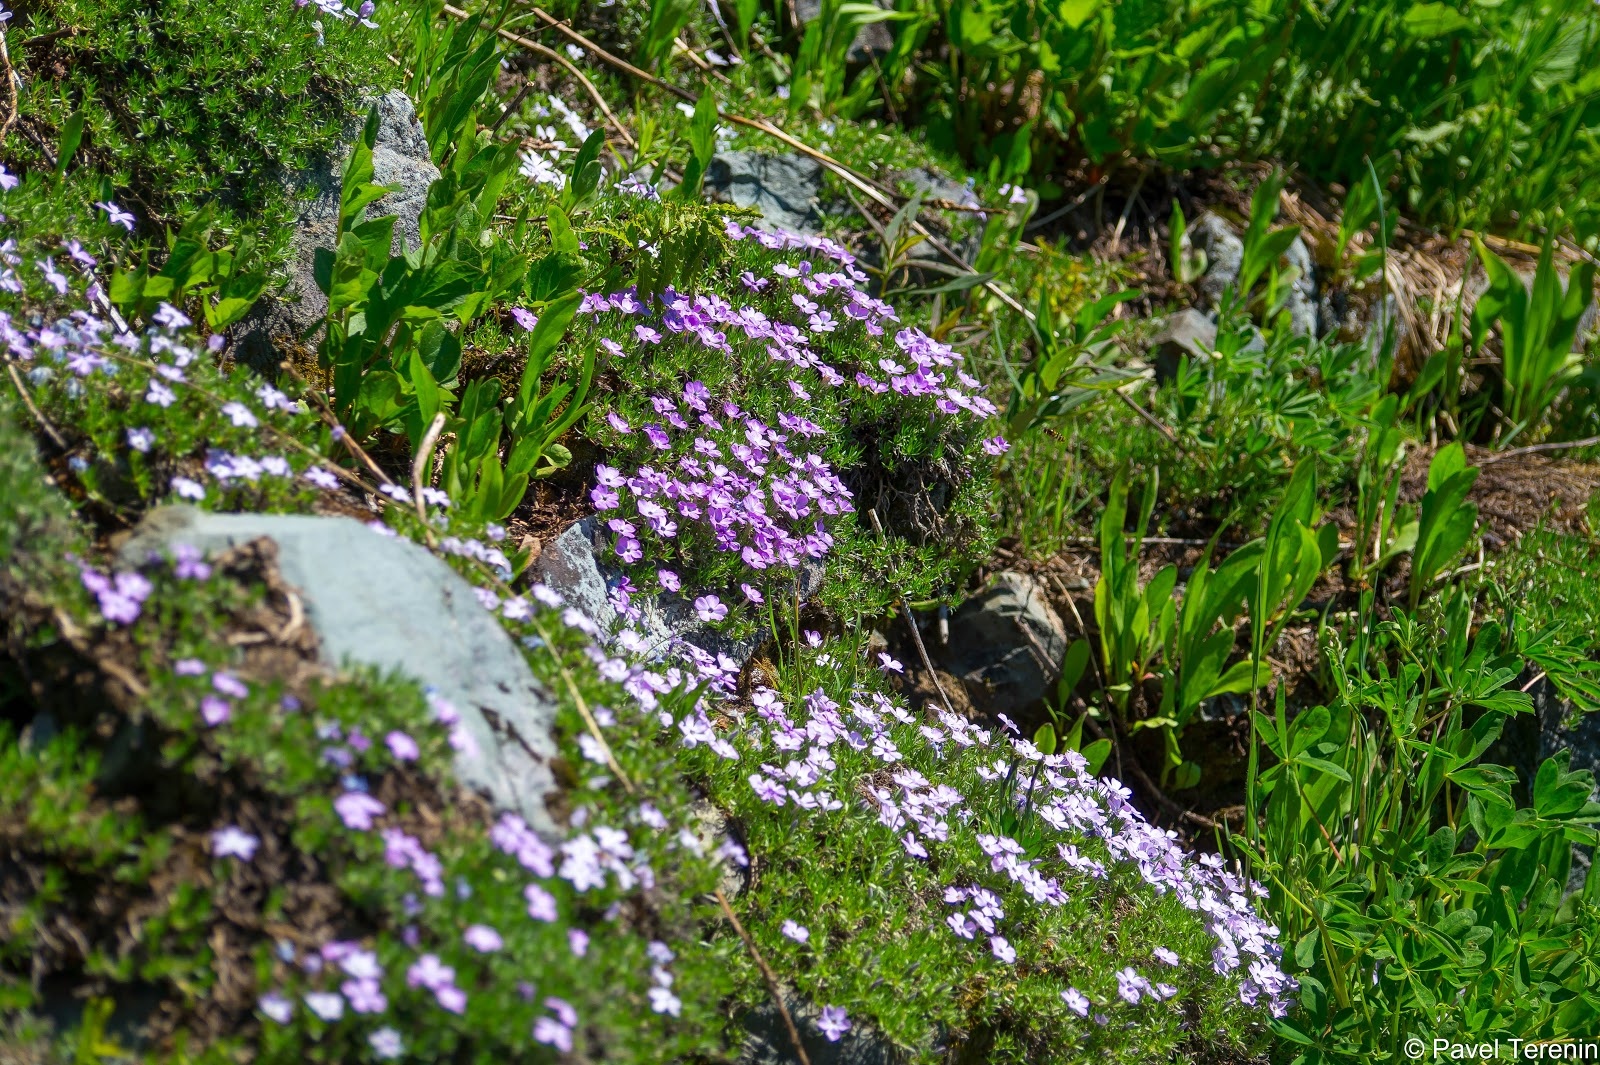 Мы застали бурное цветение, которым знамениты местные луга